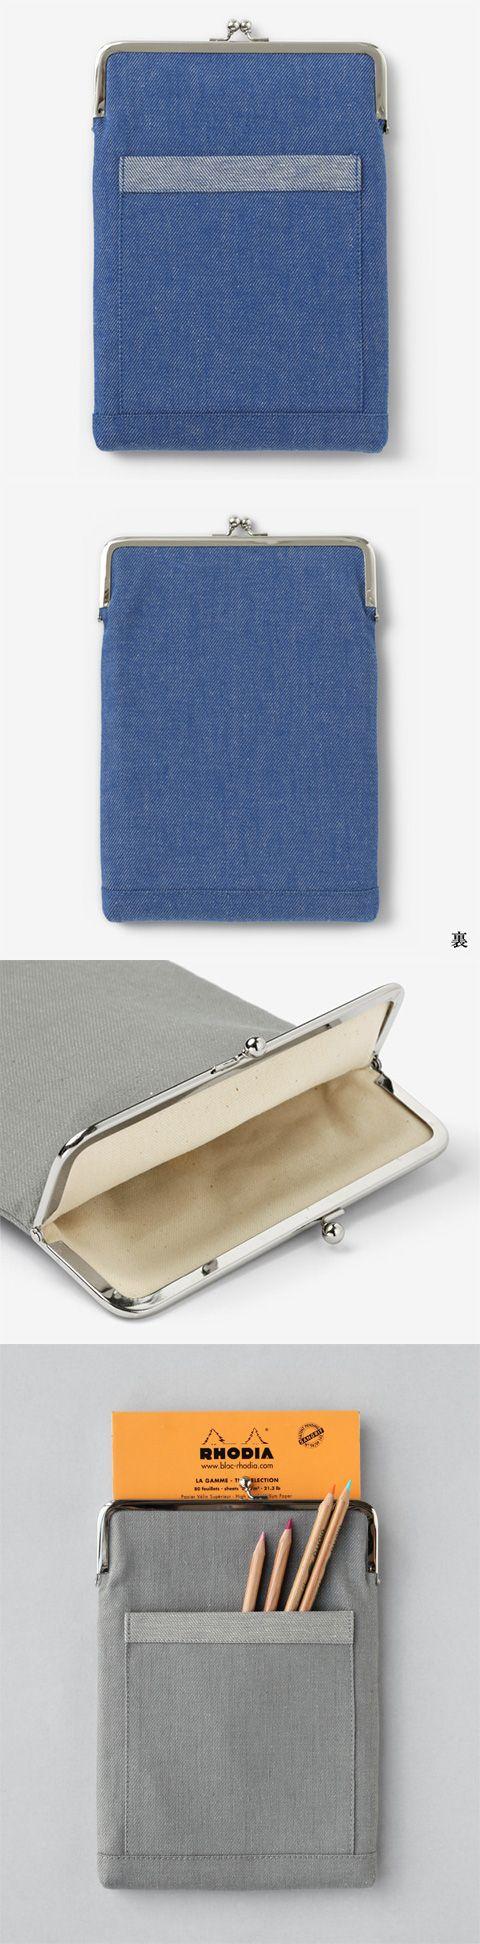 【がま口ケース(中川政七商店)】/明治期にヨーロッパより日本に伝わったがま口。 長年日本人に愛され和雑貨の代表となったがま口を、綿麻のカラーデニムを使用して現代のスタイルに合わせた形に仕上げました。 文房具やタブレットなどの収納におすすめの、A5サイズの用紙が収納できるサイズ。